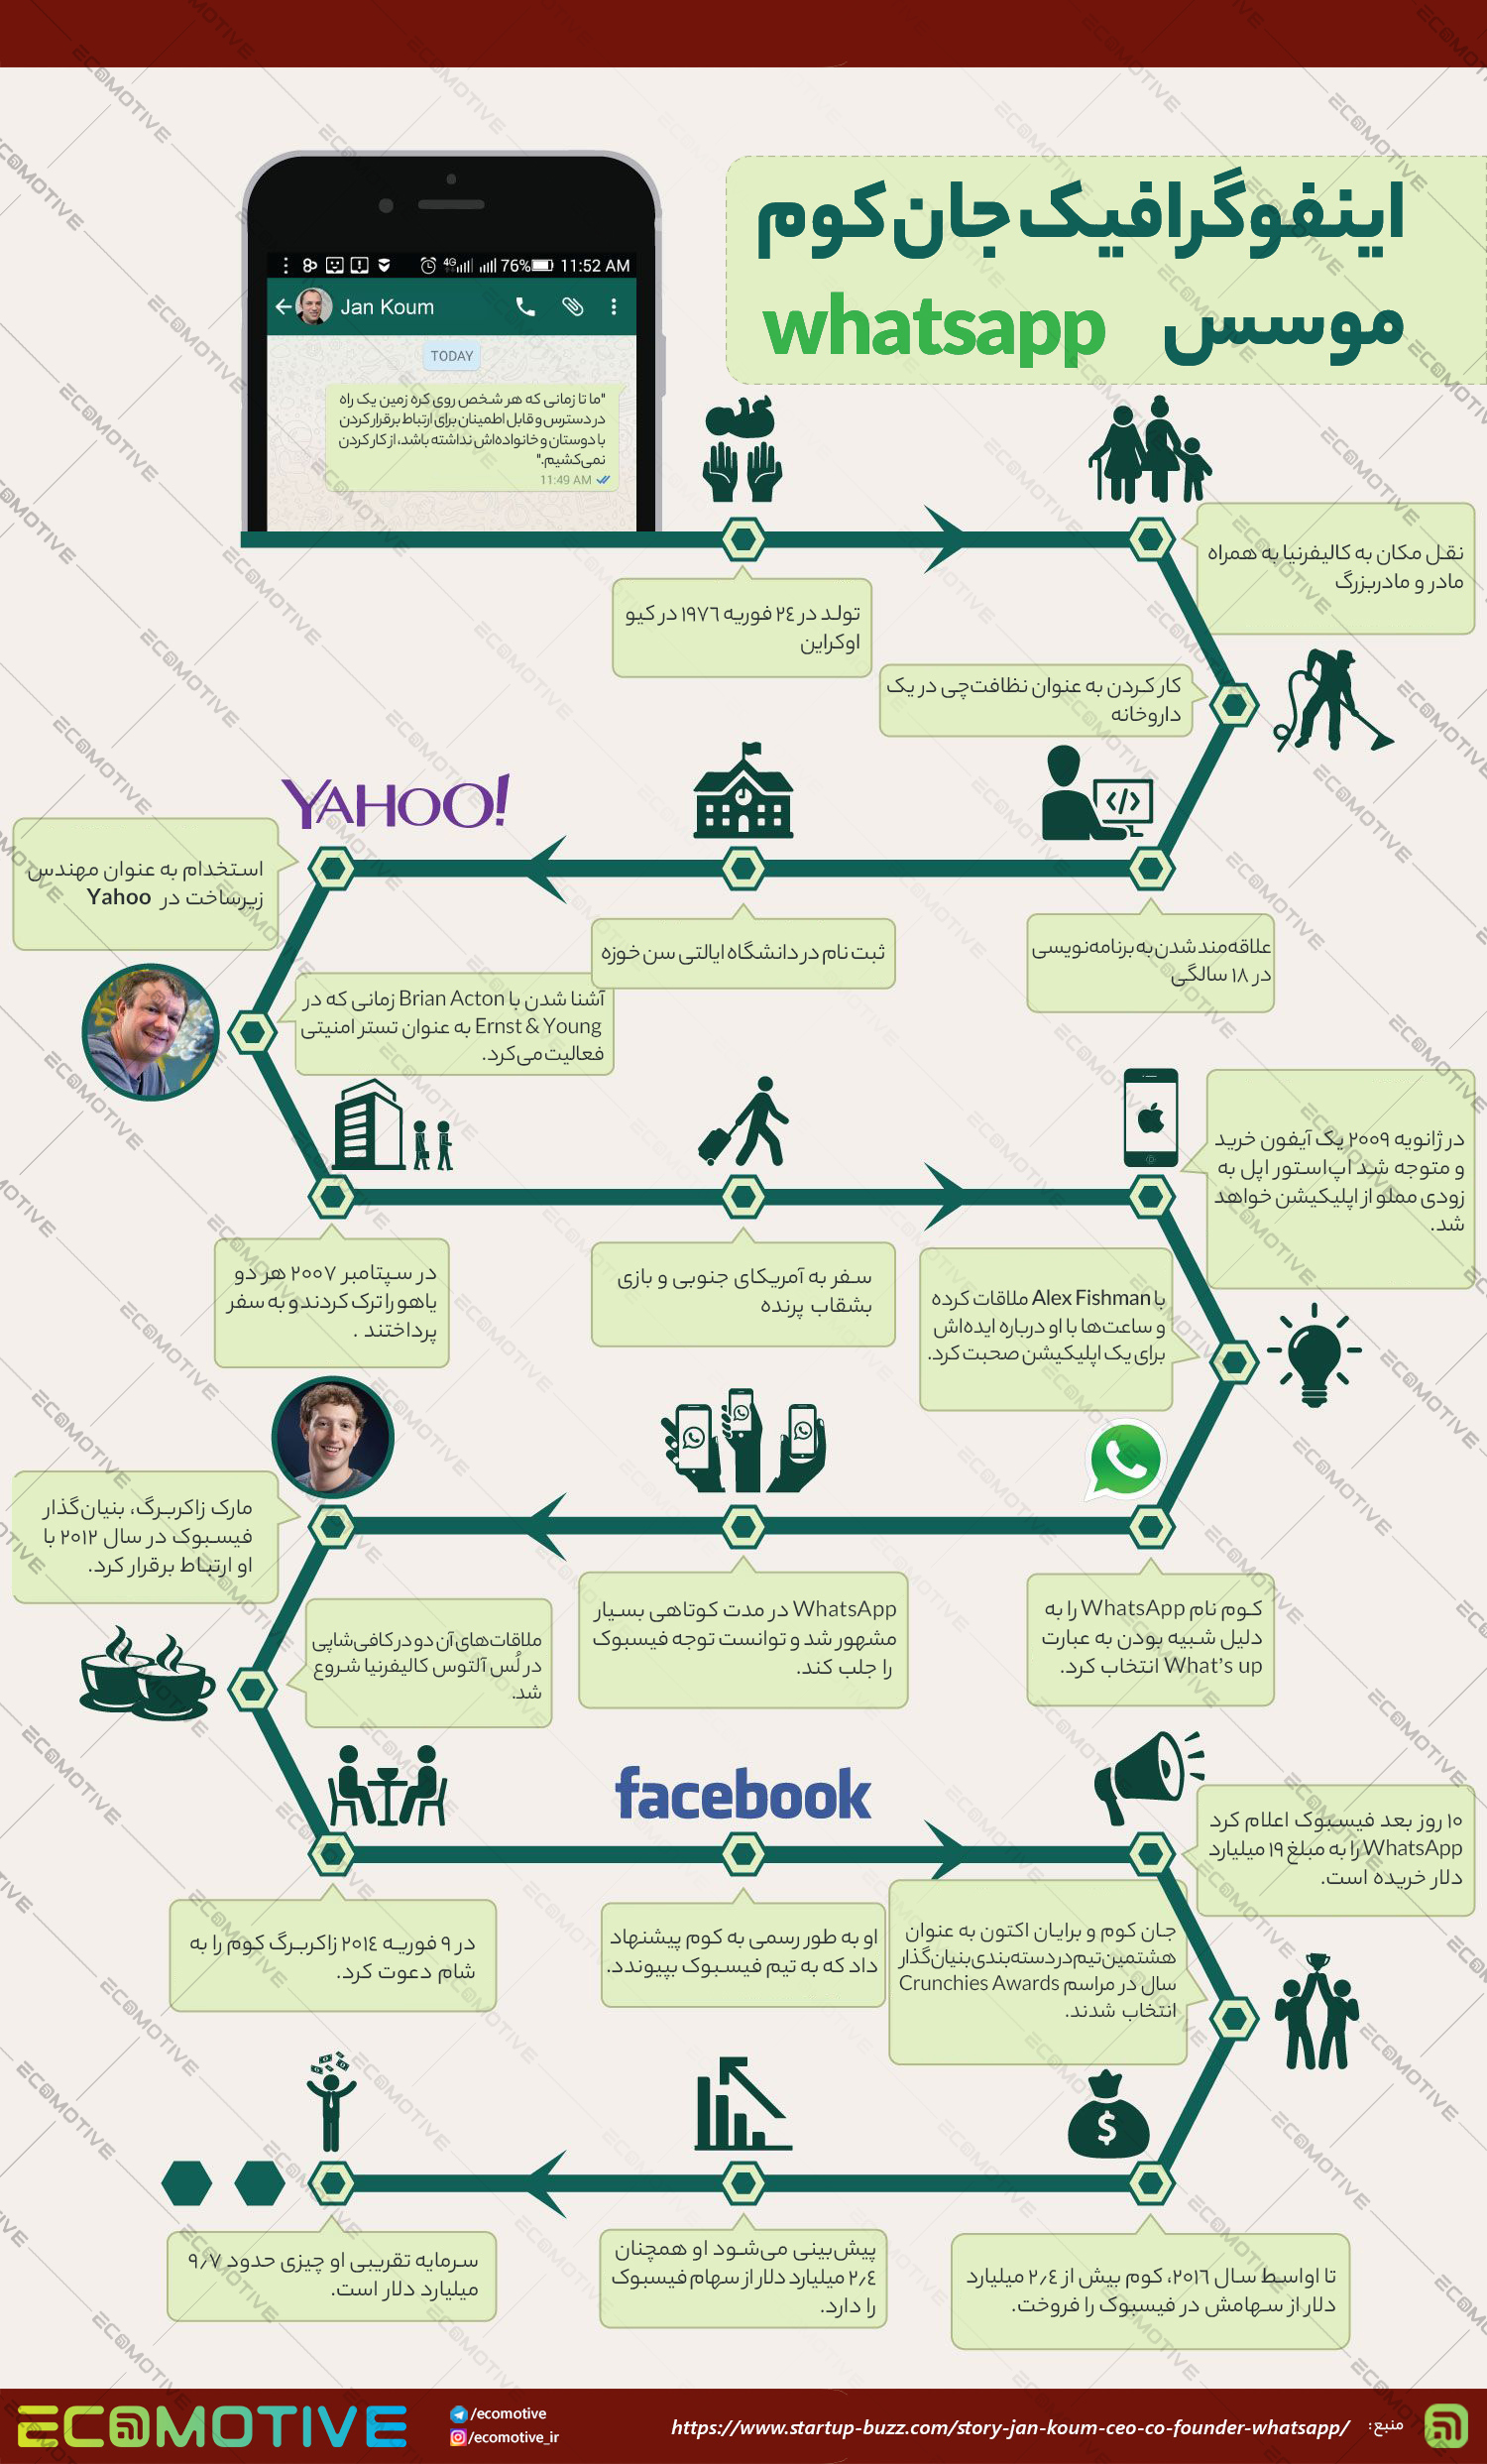 داستان زندگی جان کوم (Jan Koum) موسس و مدیرعامل واتس اپ